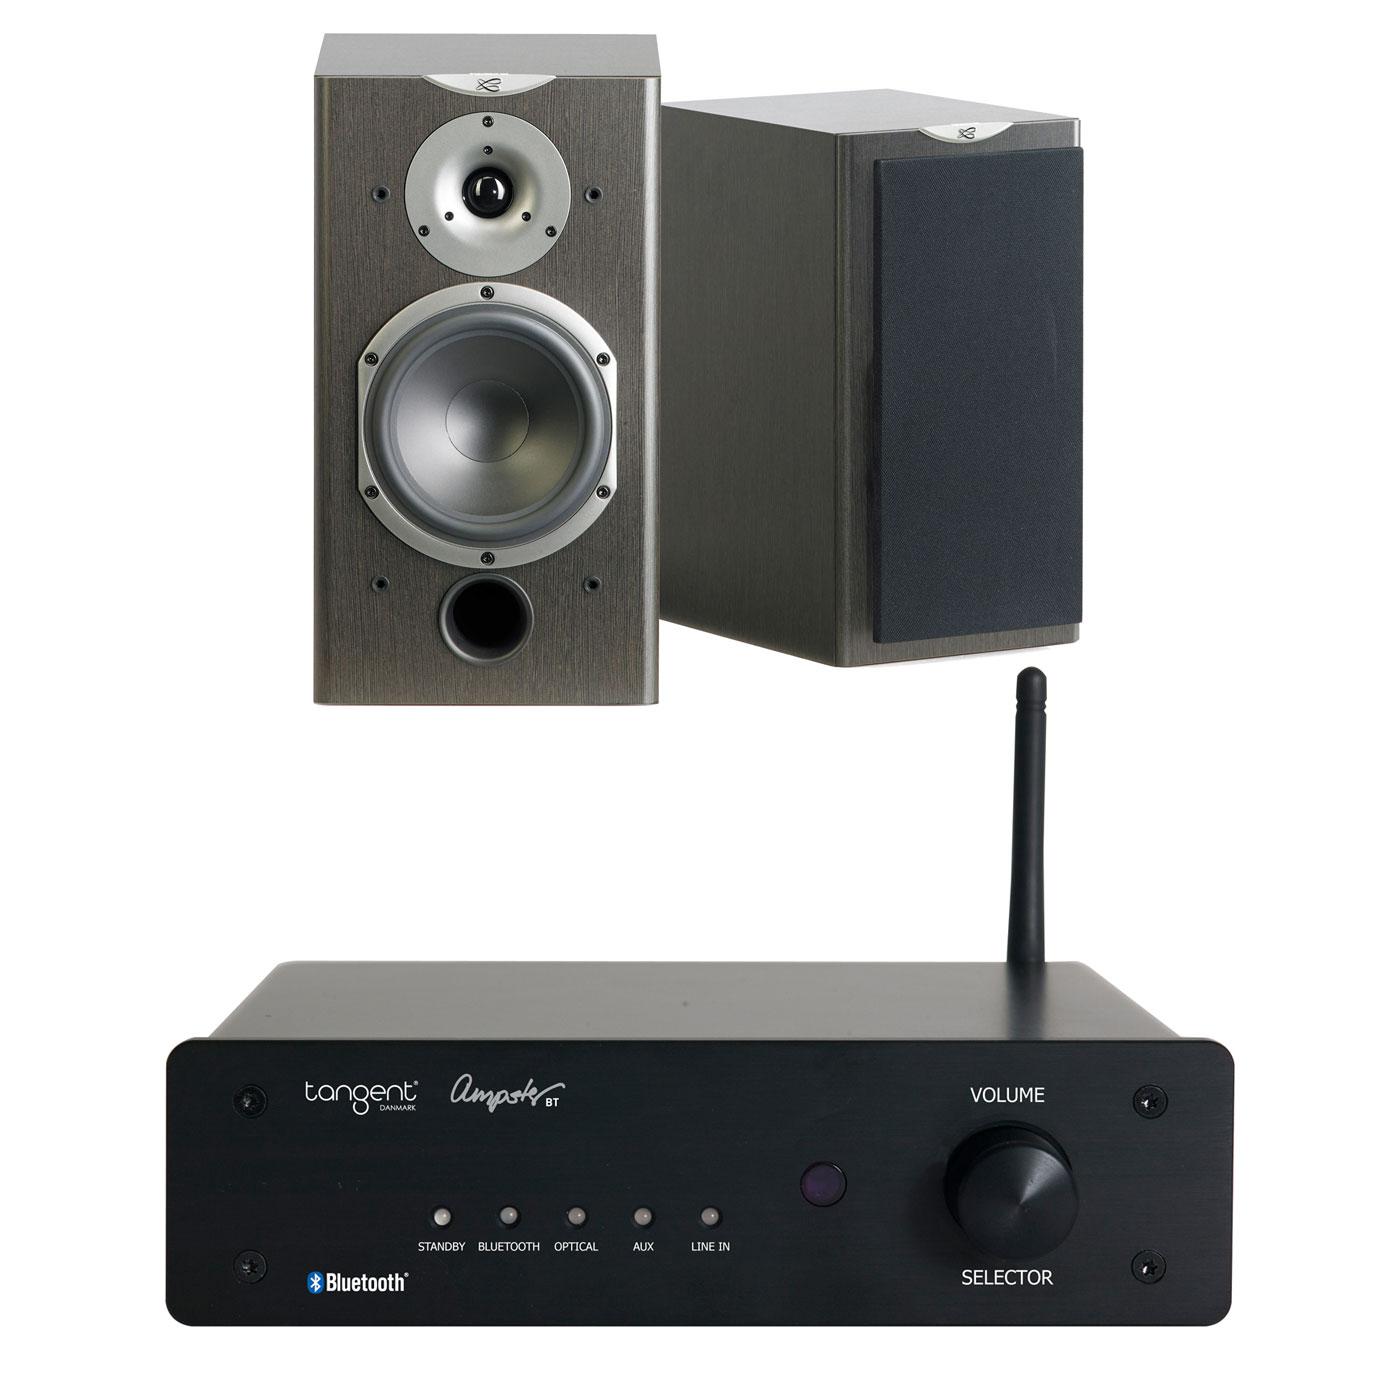 tangent ampster bt cabasse antigua mt360 wengu. Black Bedroom Furniture Sets. Home Design Ideas